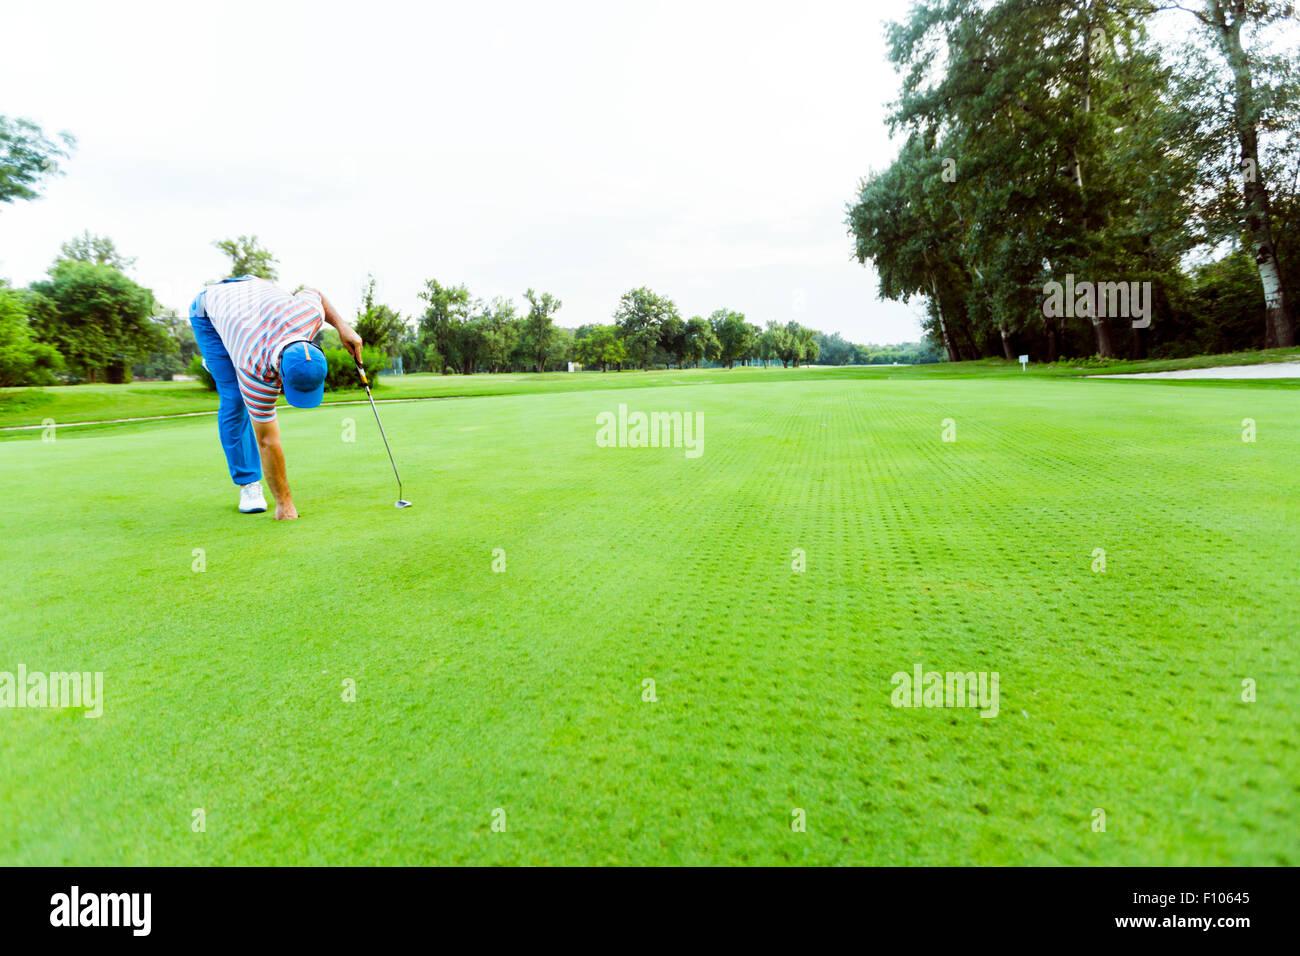 La récupération de la balle de golf trou sur un beau parcours Photo Stock